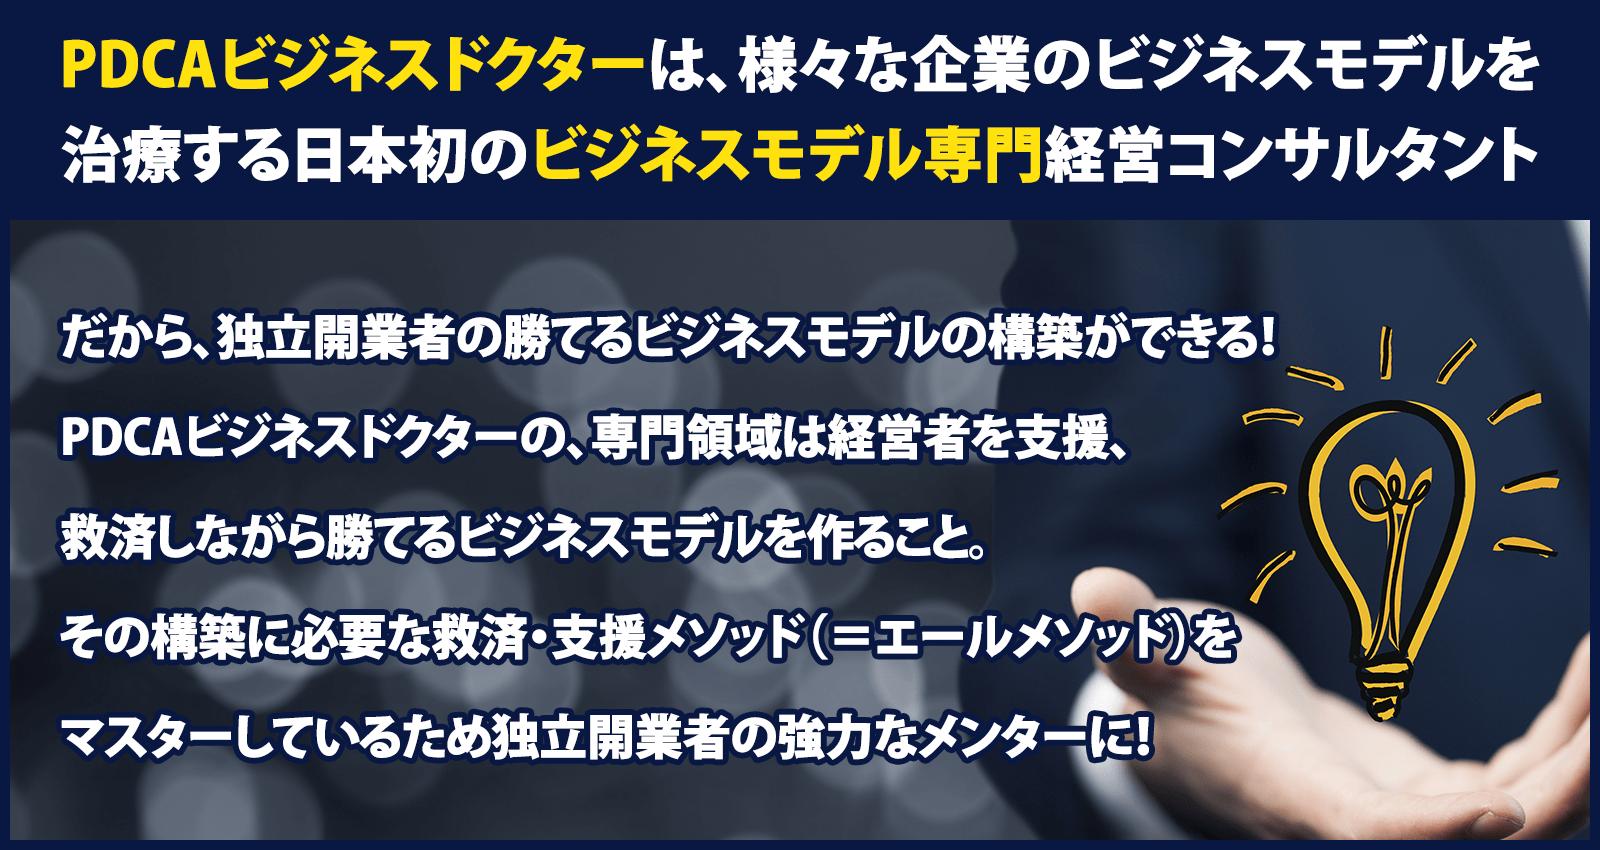 PDCAビジネスドクターは、様々な企業のビジネスモデルを治療する日本初のビジネスモデル専門経営コンサルタント